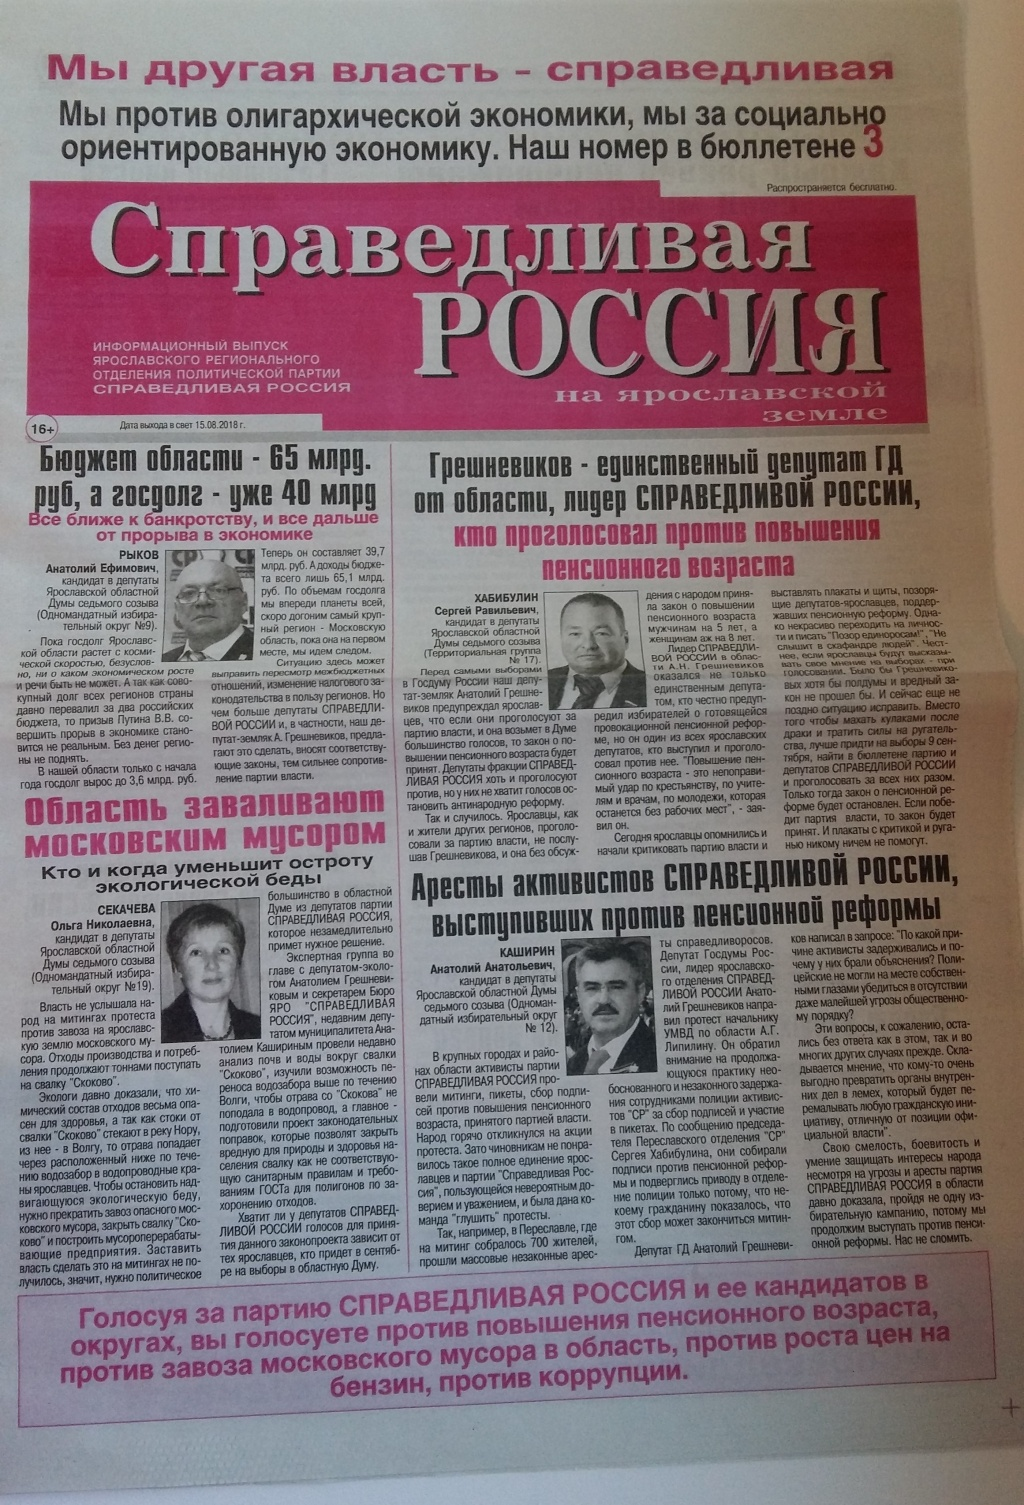 Газета Справедливой России (ярославская).jpg